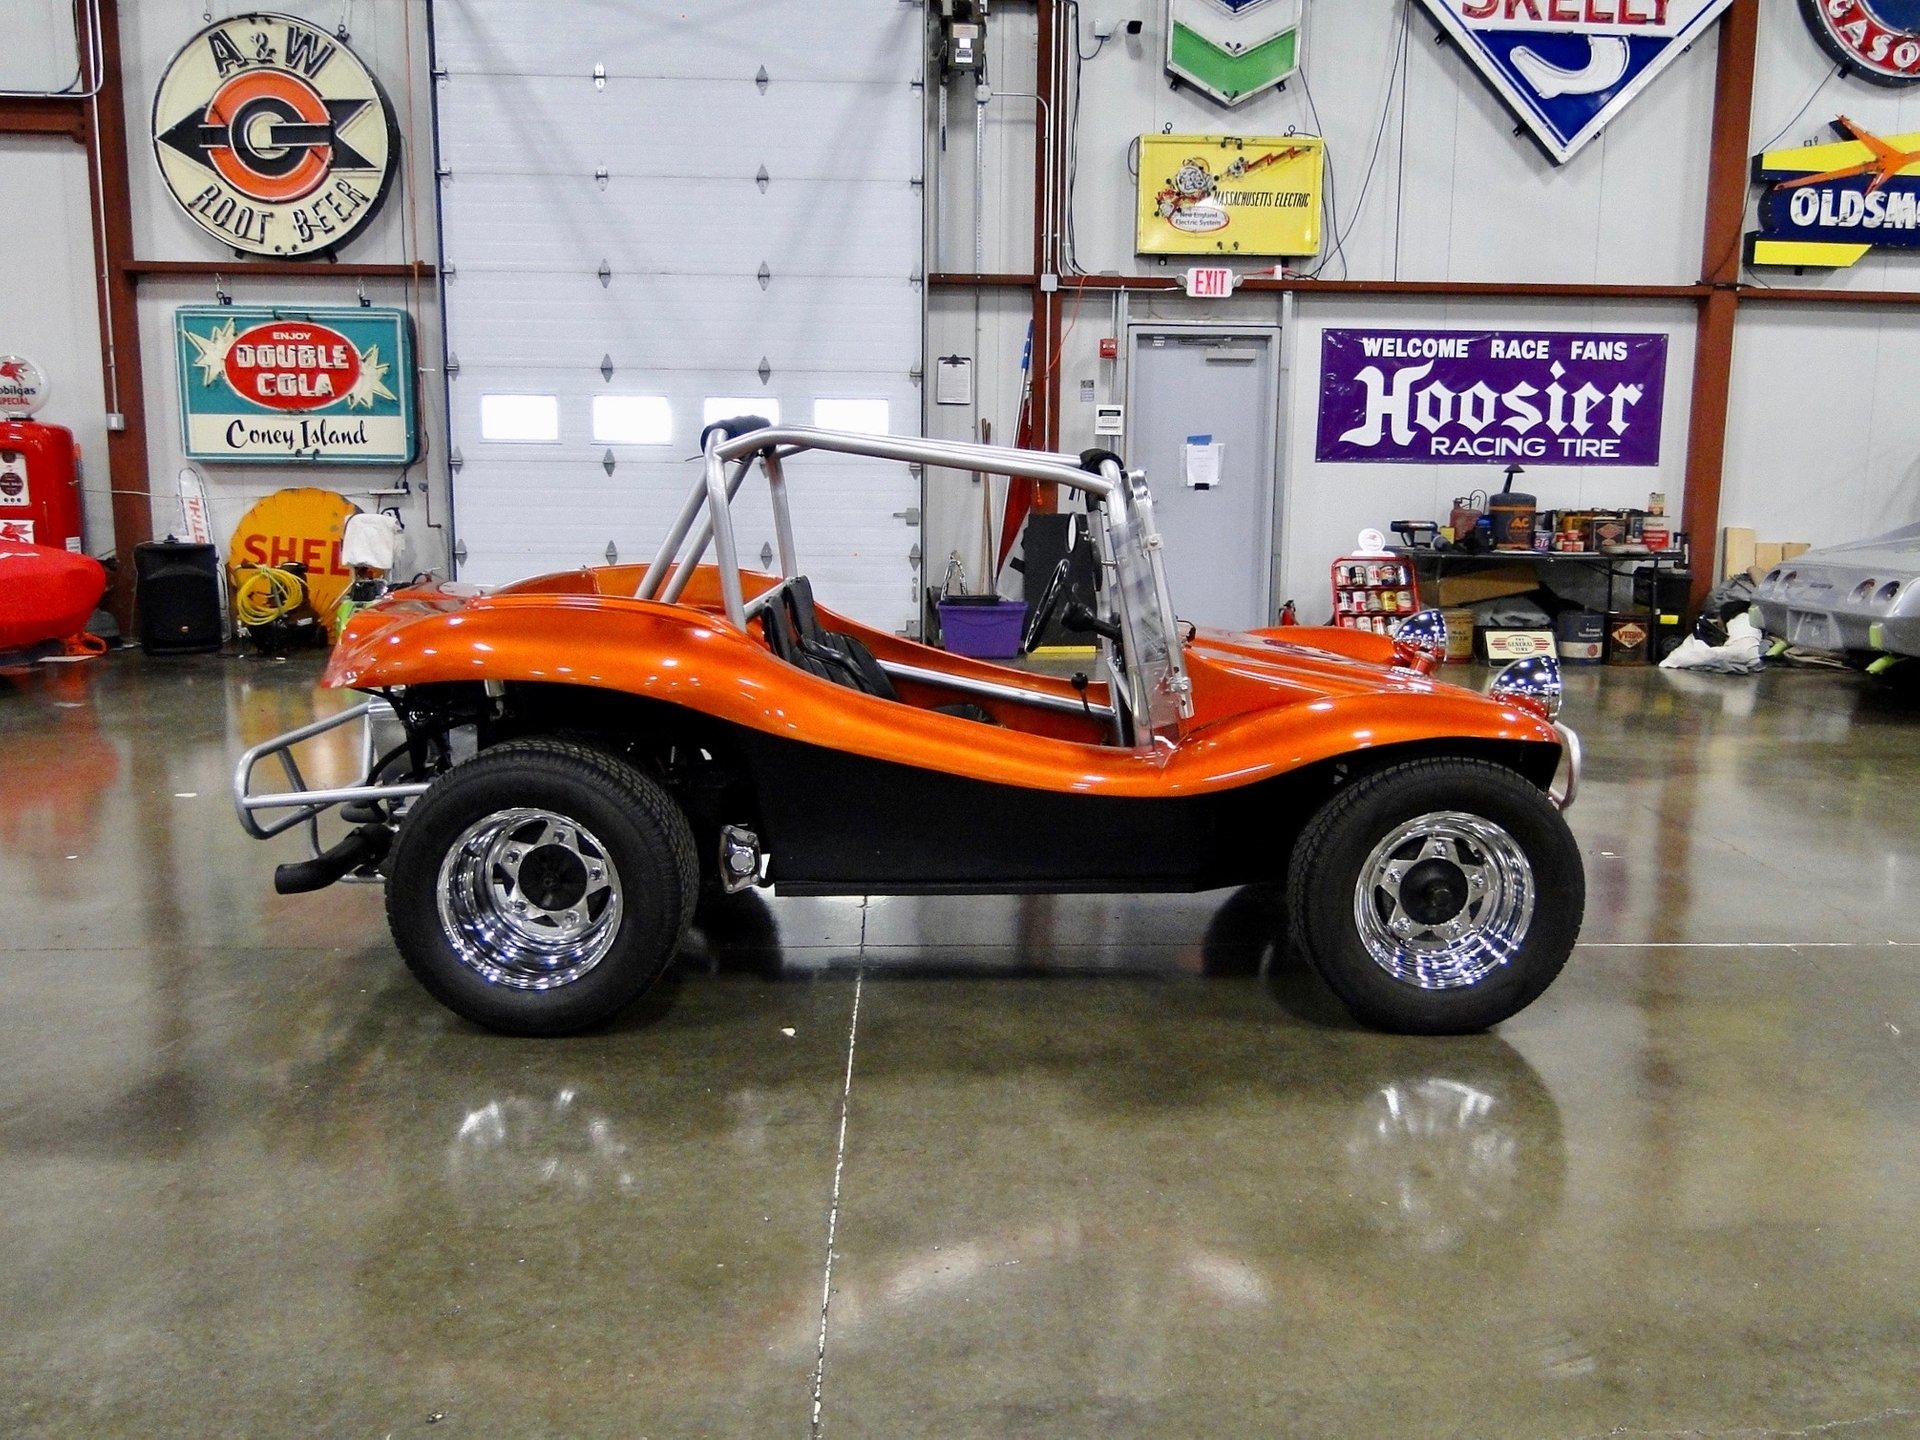 1975 Volkswagen Dune Buggy for sale #1459 | Motorious